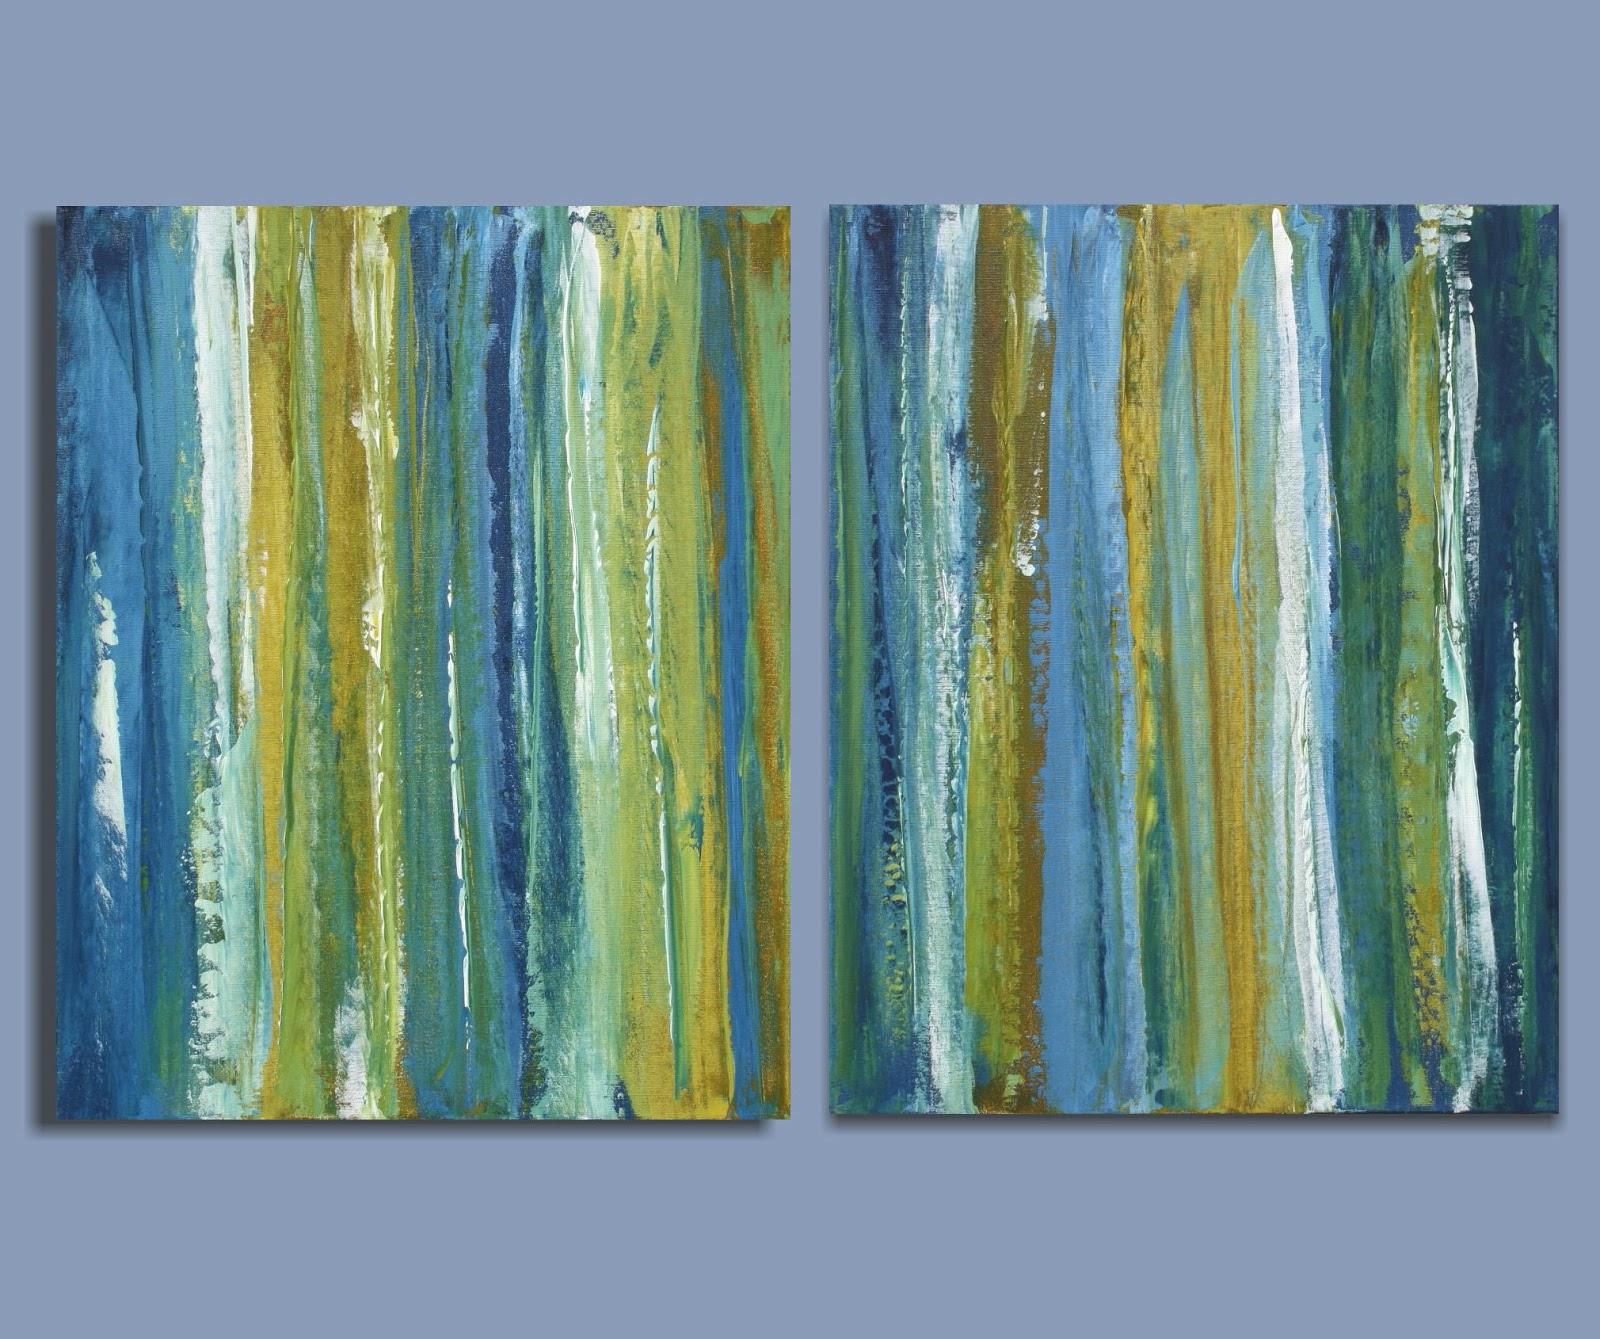 sage mountain studio paintings on sale in my shop this week